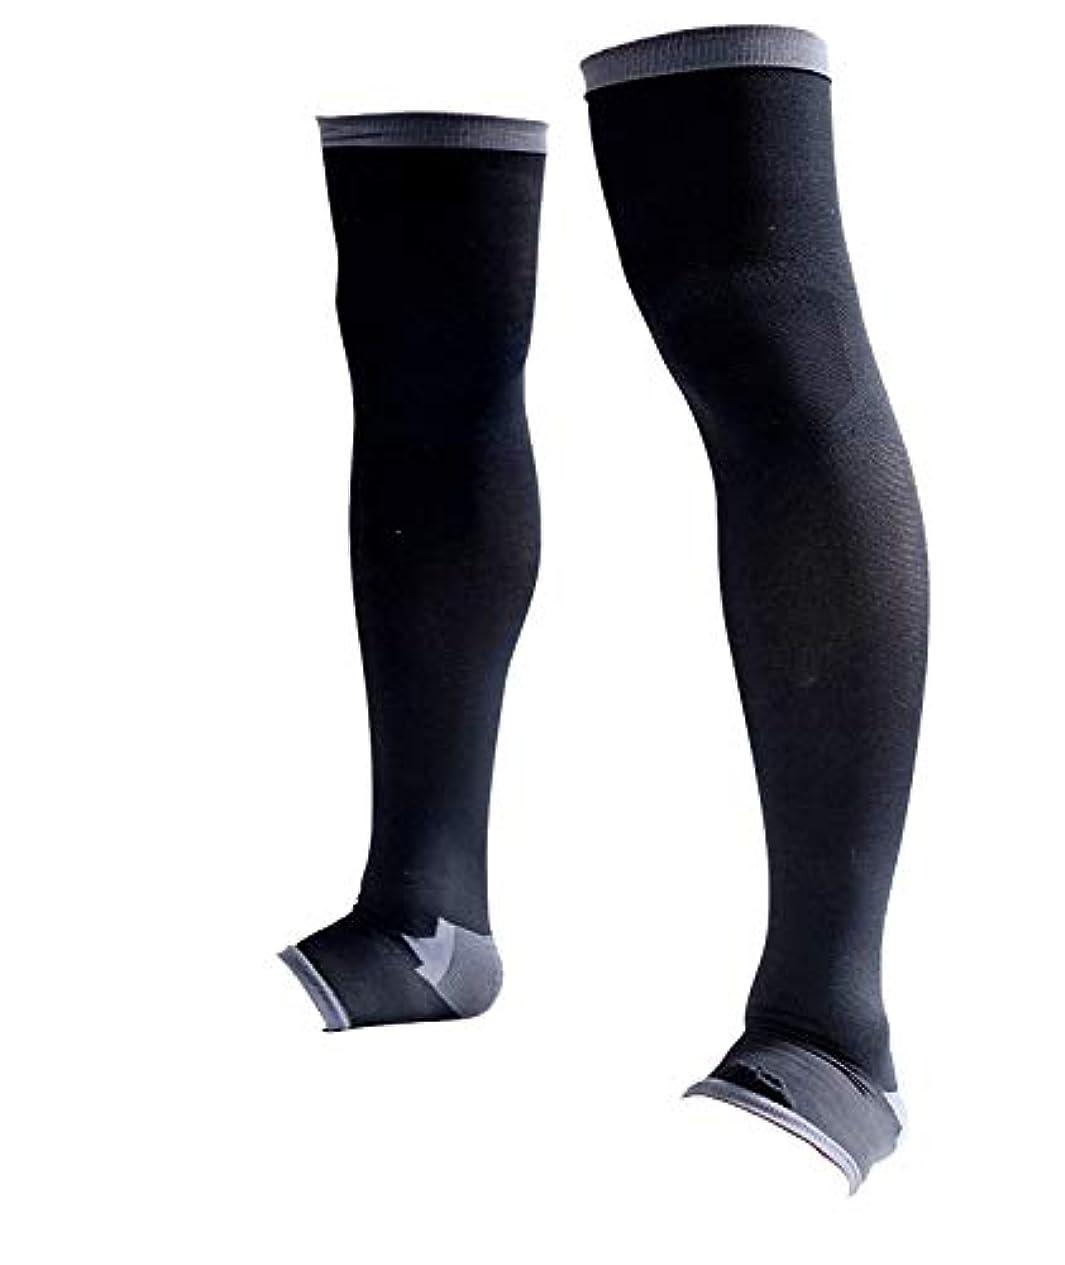 無駄な脱臼するカウンターパート男性専用脚すっきり対策オープントゥ着圧ソックス 膝上 L-LL 順天堂大学客員教授推奨